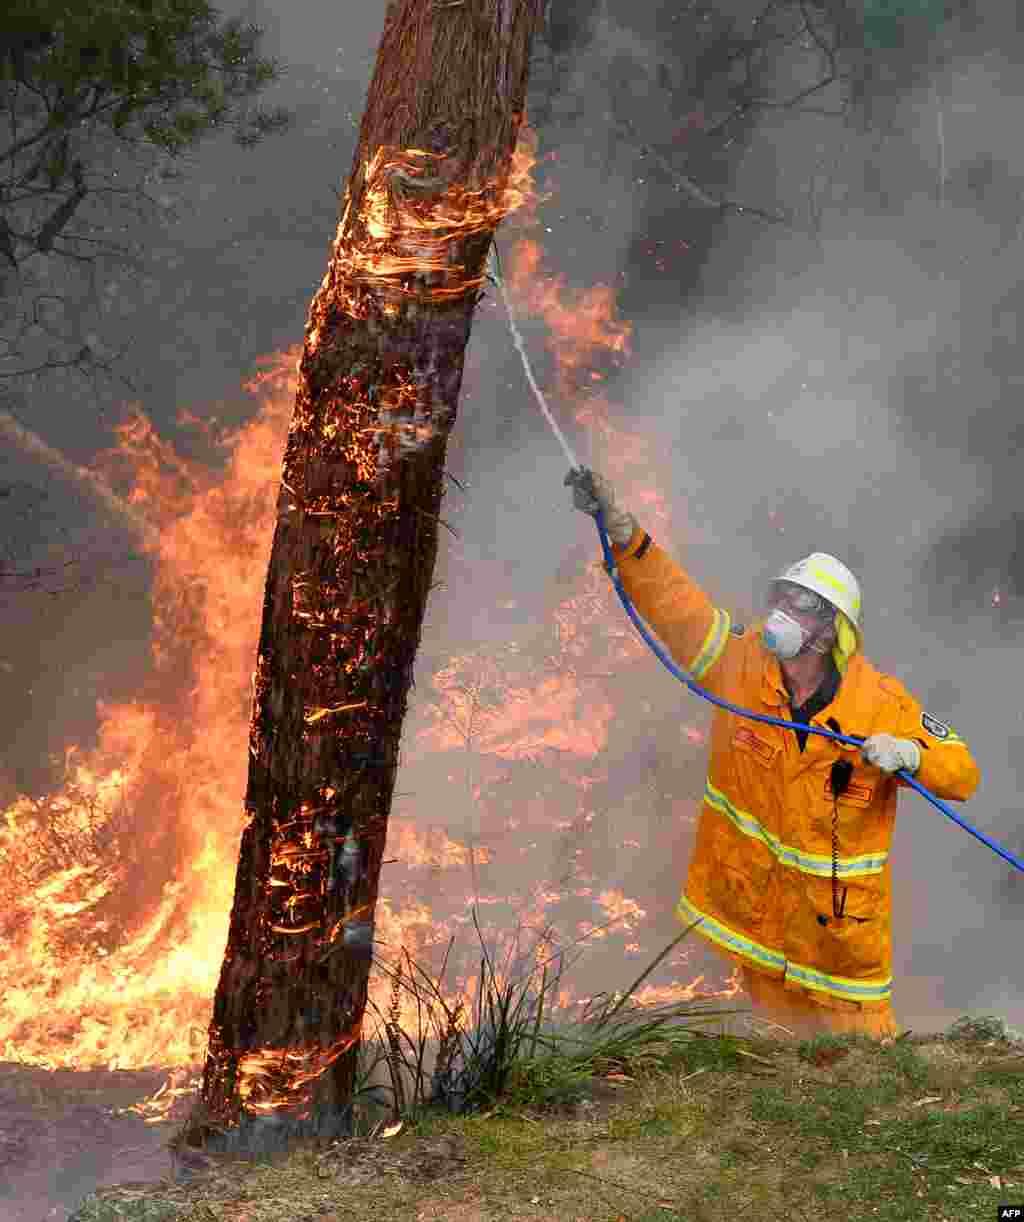 호주 동남부에서 며칠째 대형 산불이 계속되는 가운데, 소방관이 블루마운틴 주택가로 번진 불을 끄고 있다.